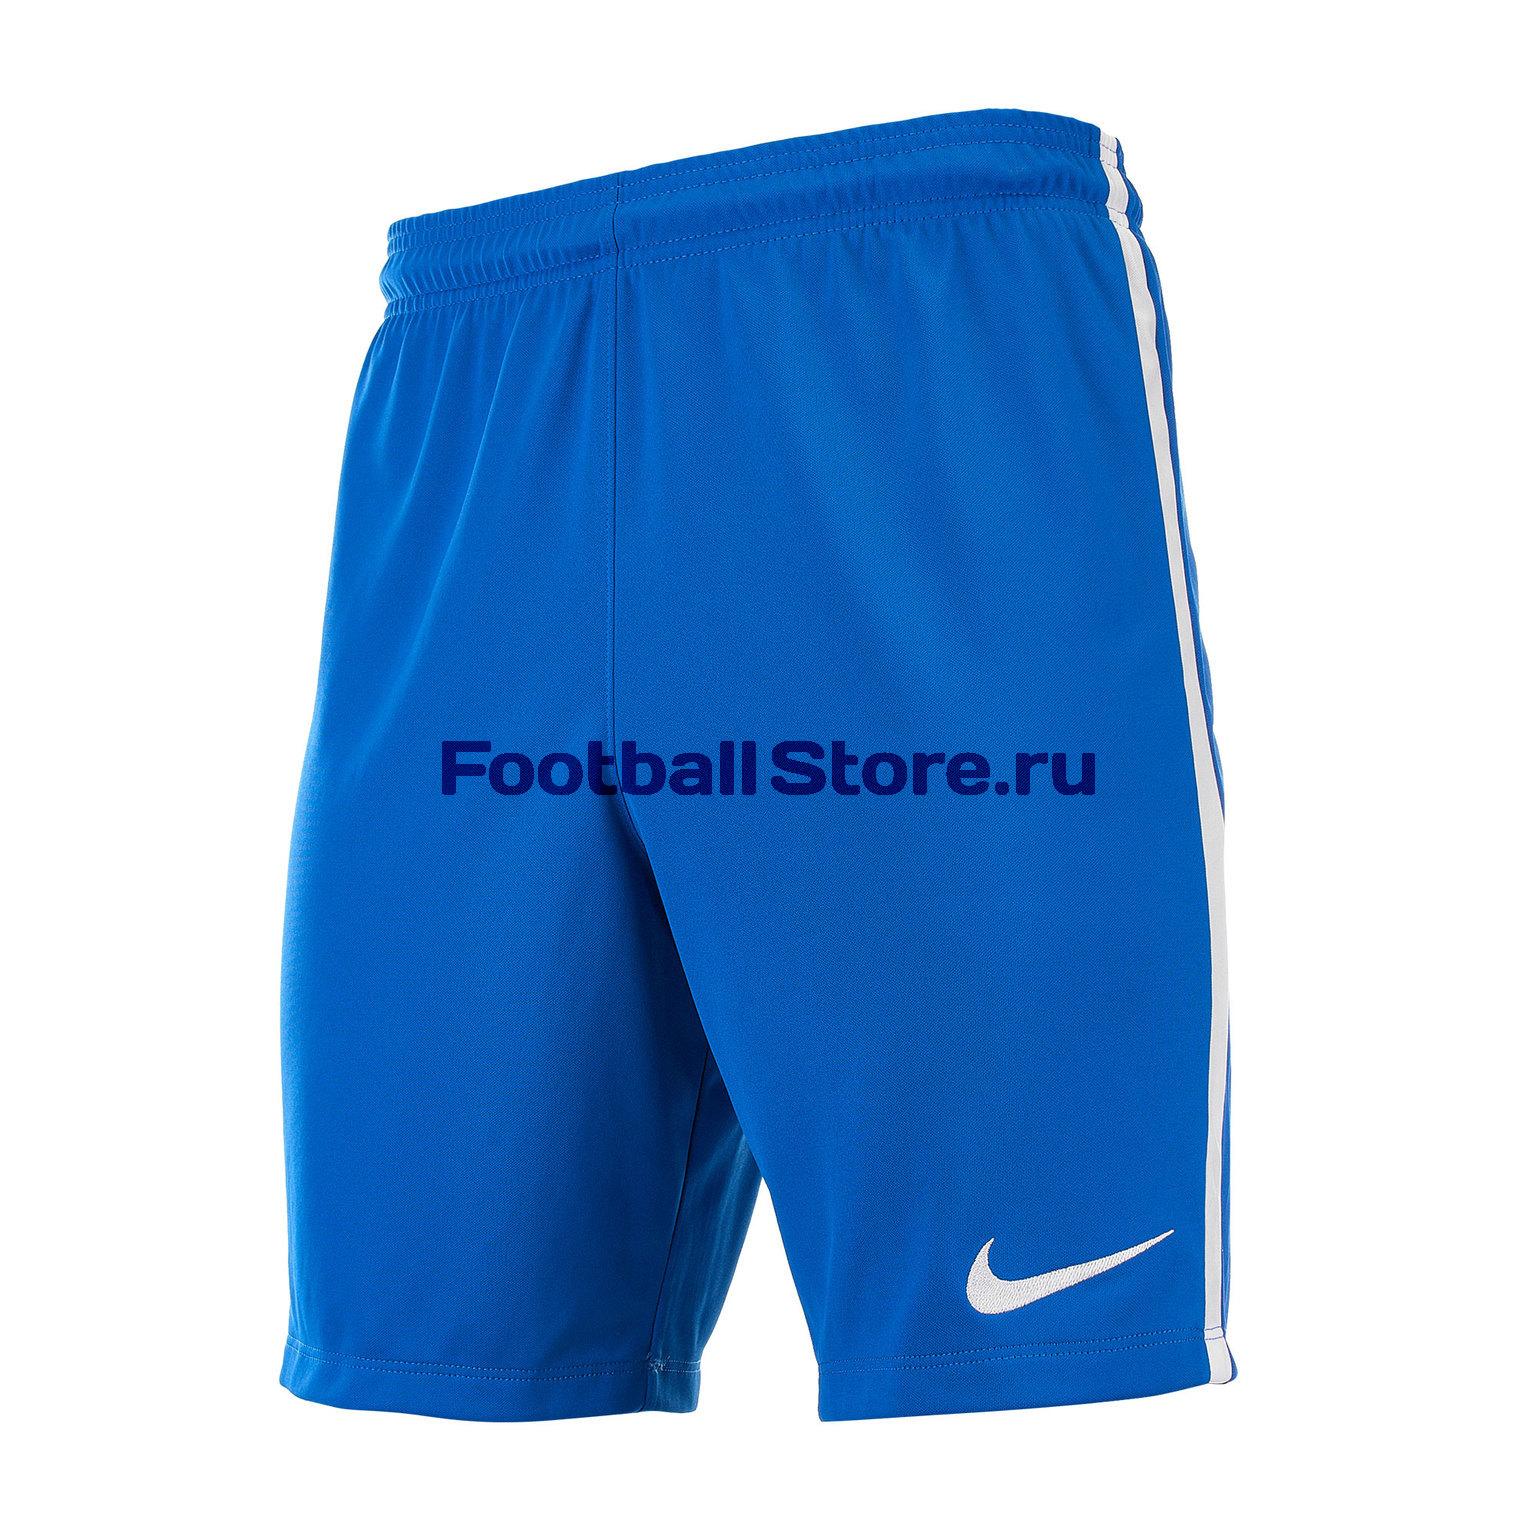 Игровые шорты Nike League Knit Short NB 725881-463